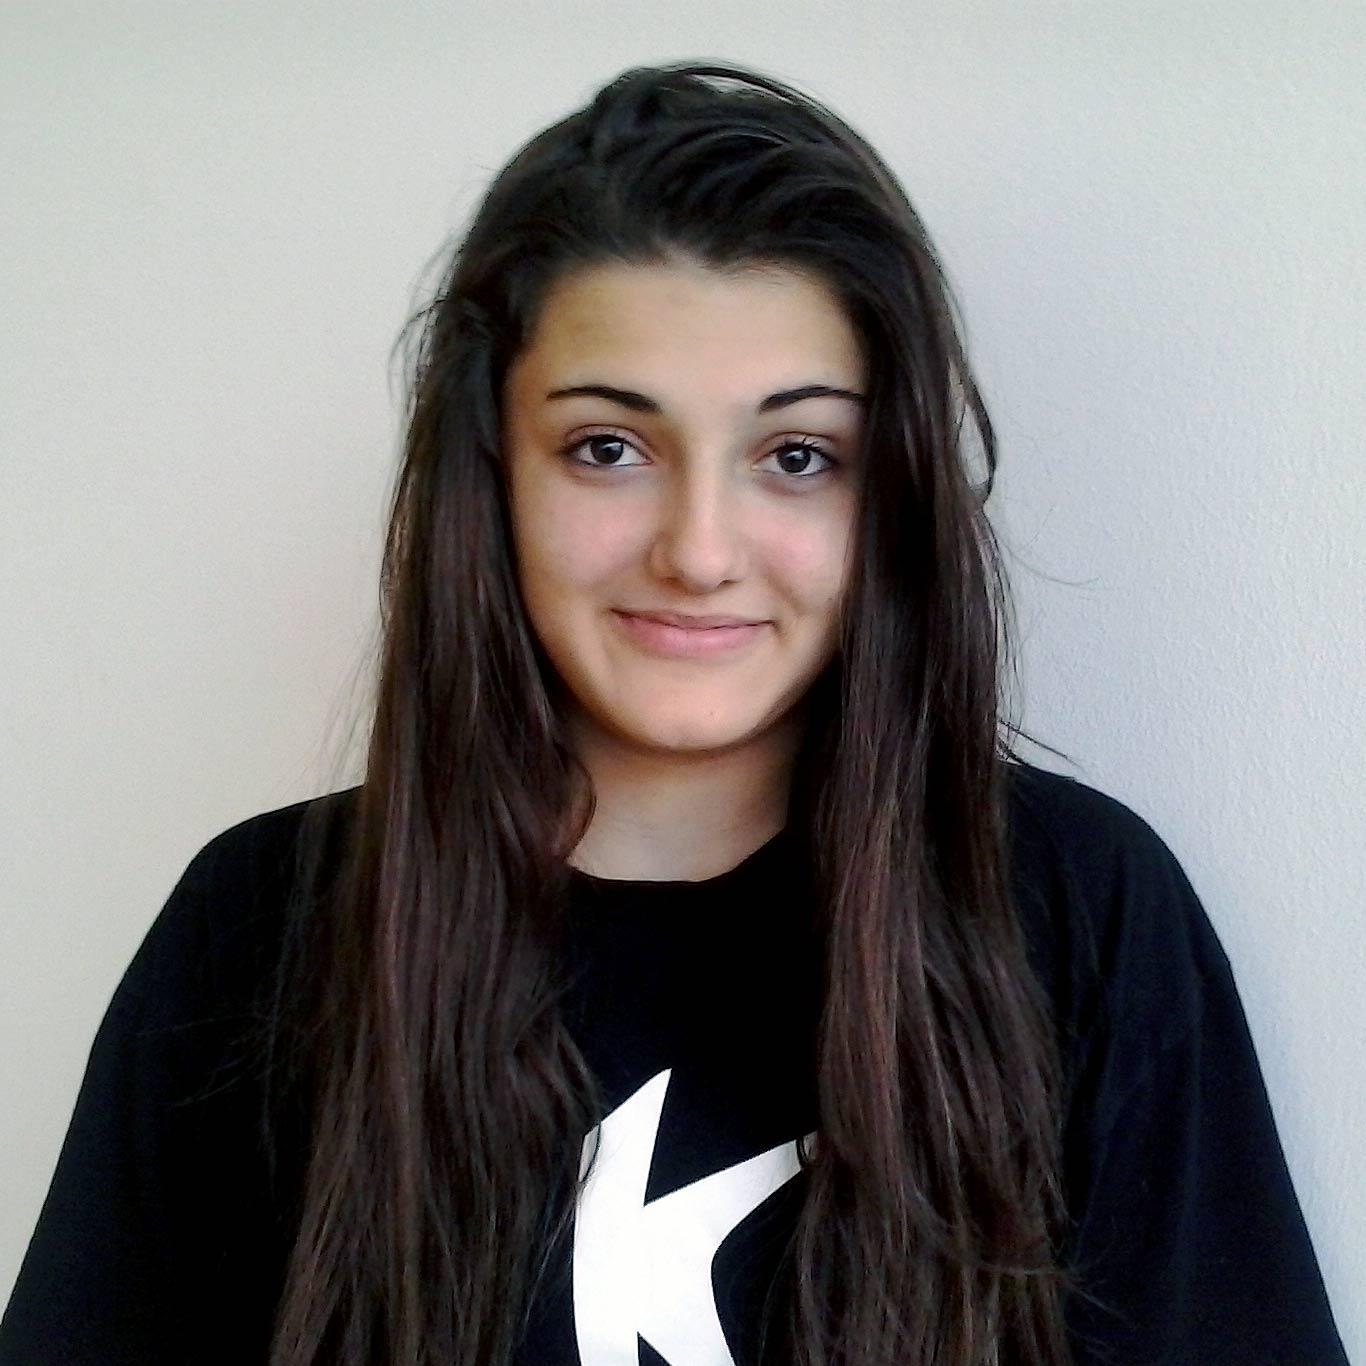 Rebecca Marchetto nuoto Kuma Latisana